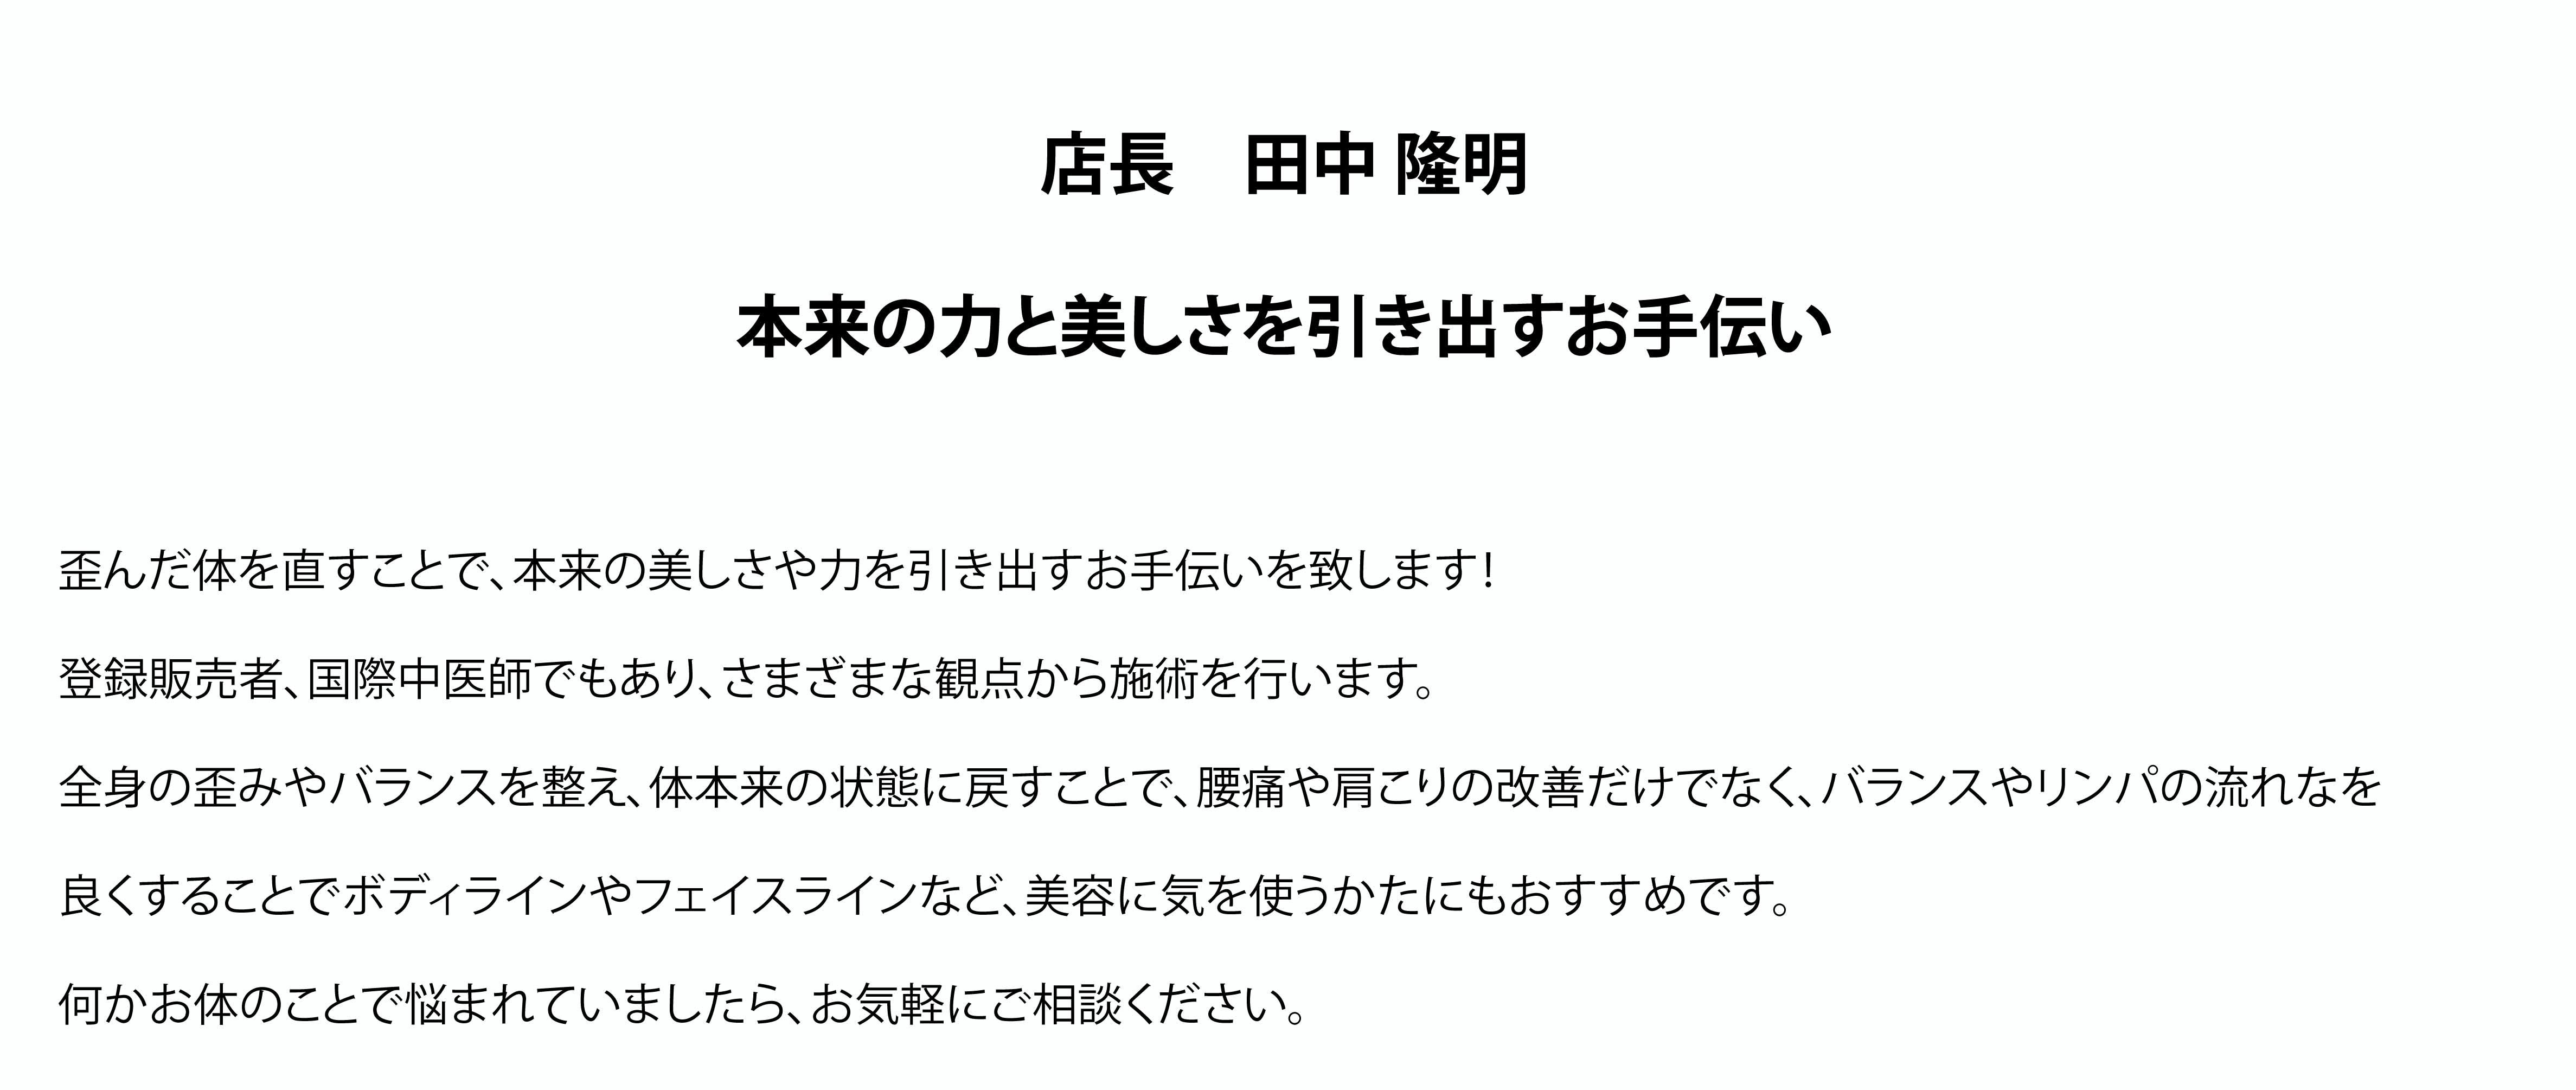 private_tanaka_01